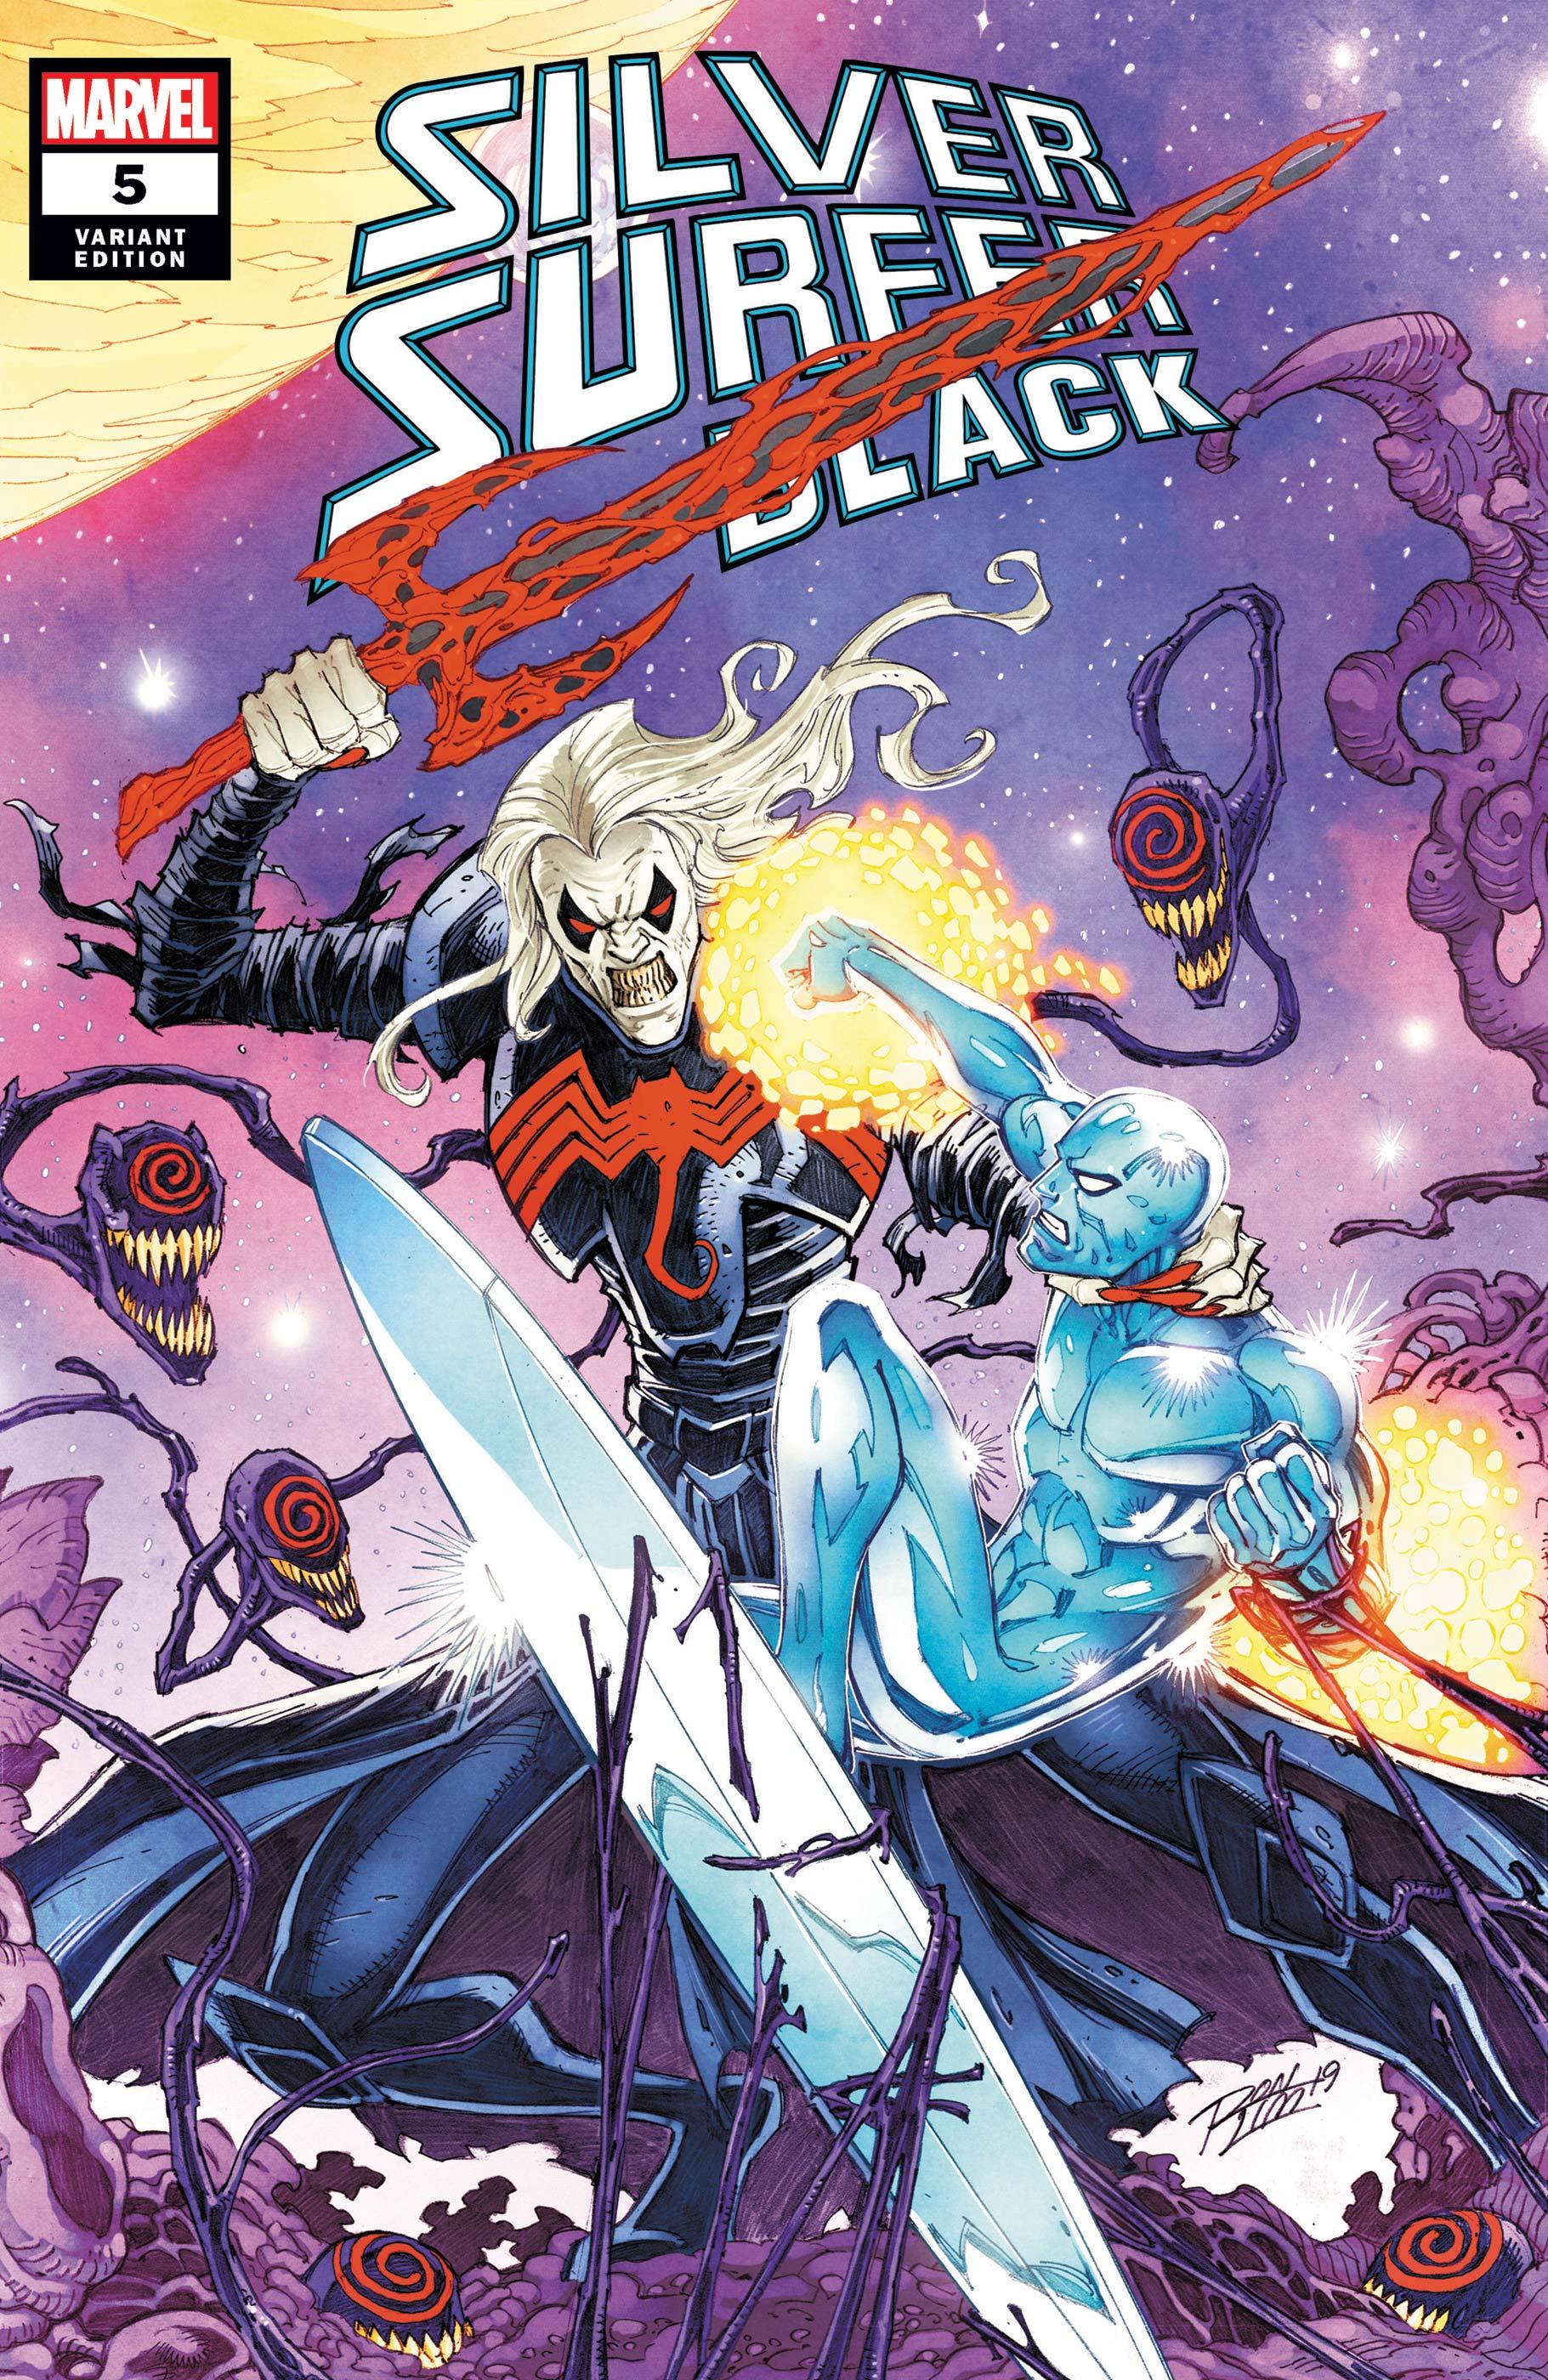 Silver Surfer: Black (2019) #5 (Variant)